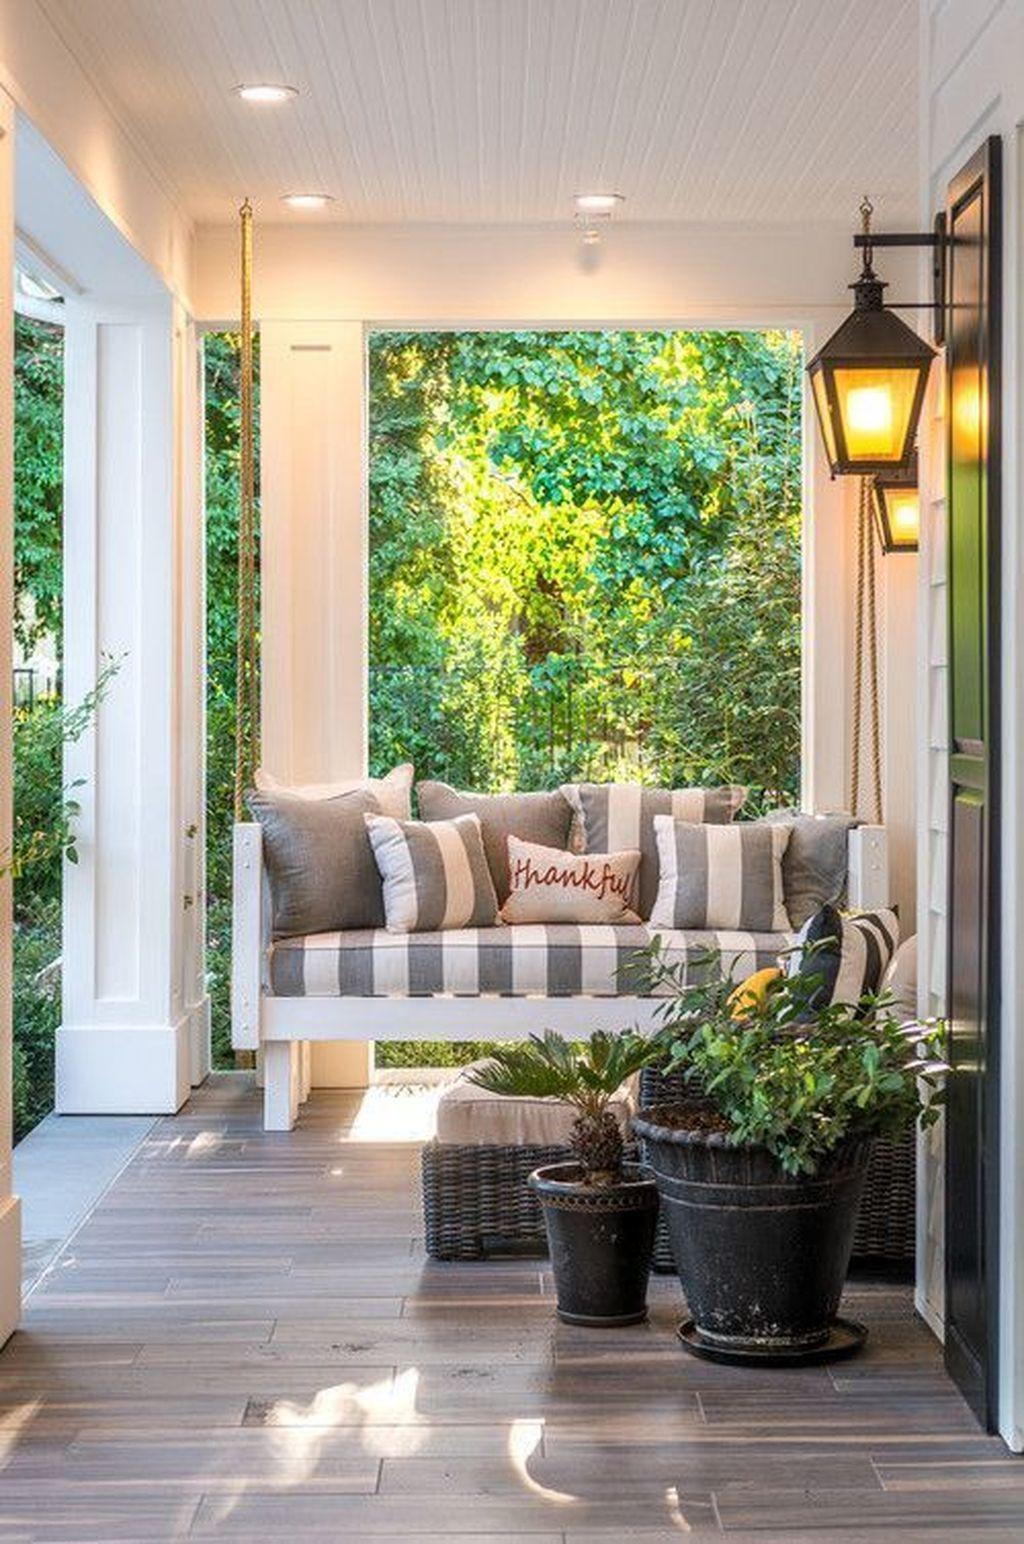 5ee6ed06c205d8e8c58f64bf5cd368ad - Better Homes And Gardens Home Design Software 8.0